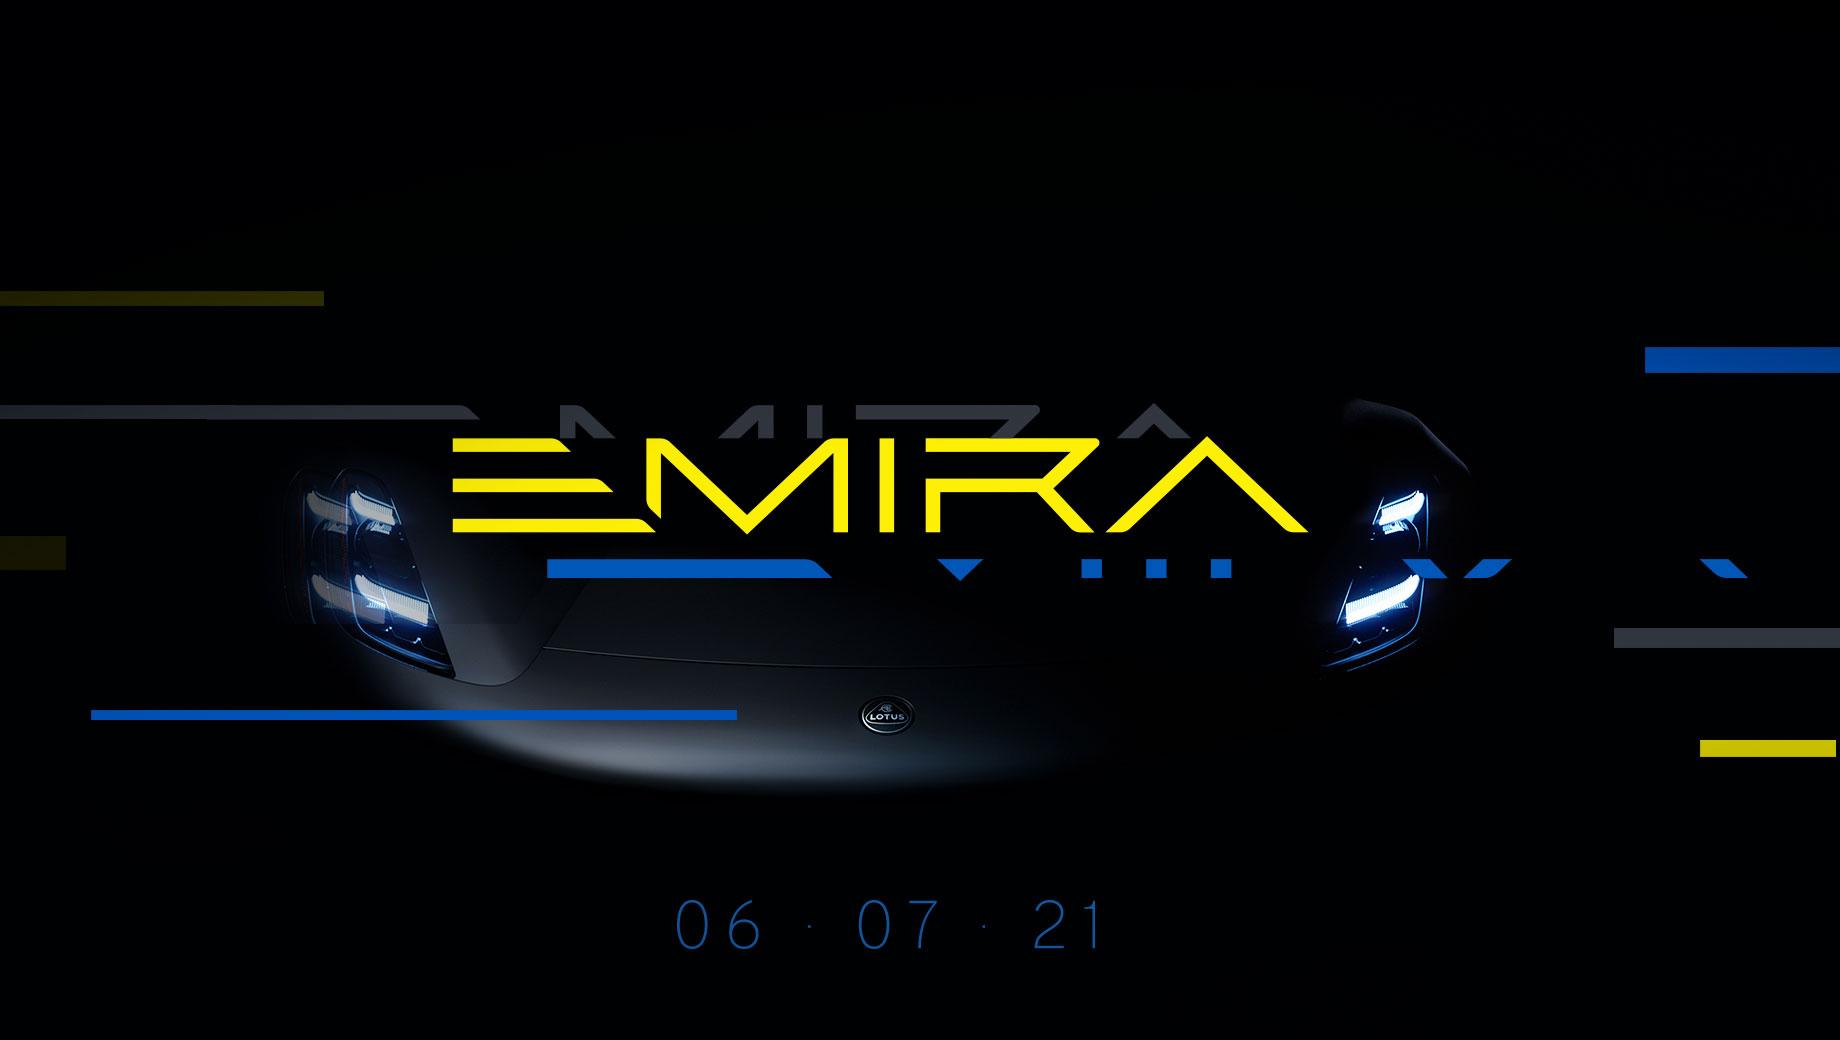 Lotus emira. Имя Emira будто бы переводится с древних языков как «командир» и «лидер» (названия на букву «E» носят, например, Evora, Elise и Exige). Дизайн новичка «вдохновлён» гиперкаром Lotus Evija.